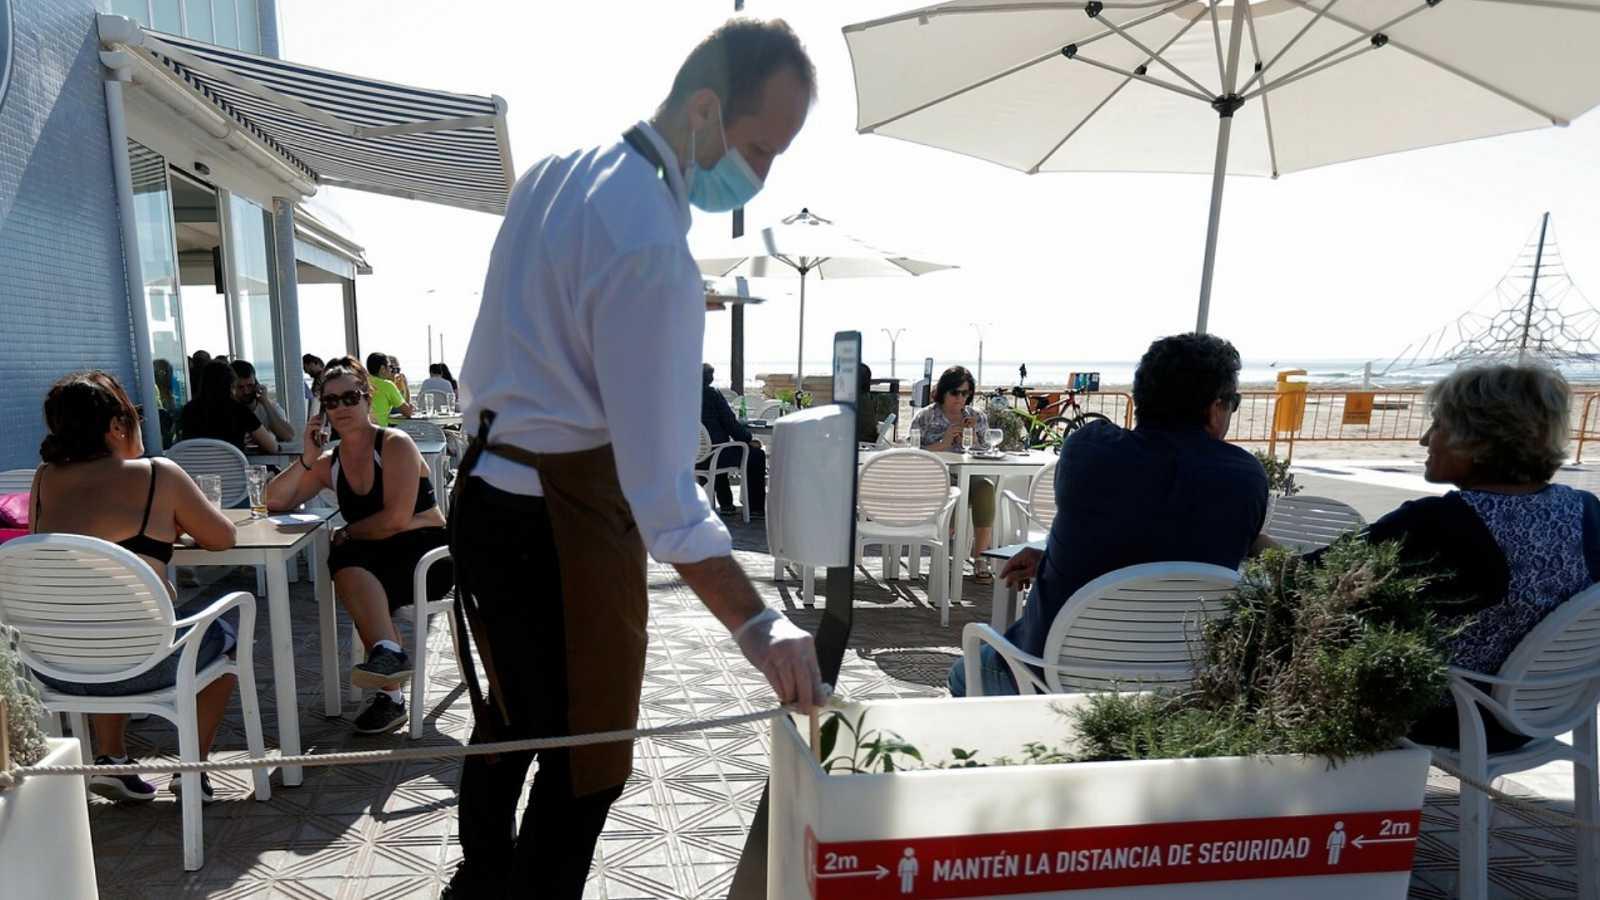 L'Informatiu - Comunitat Valenciana 2 - 18/05/20 - ver ahora